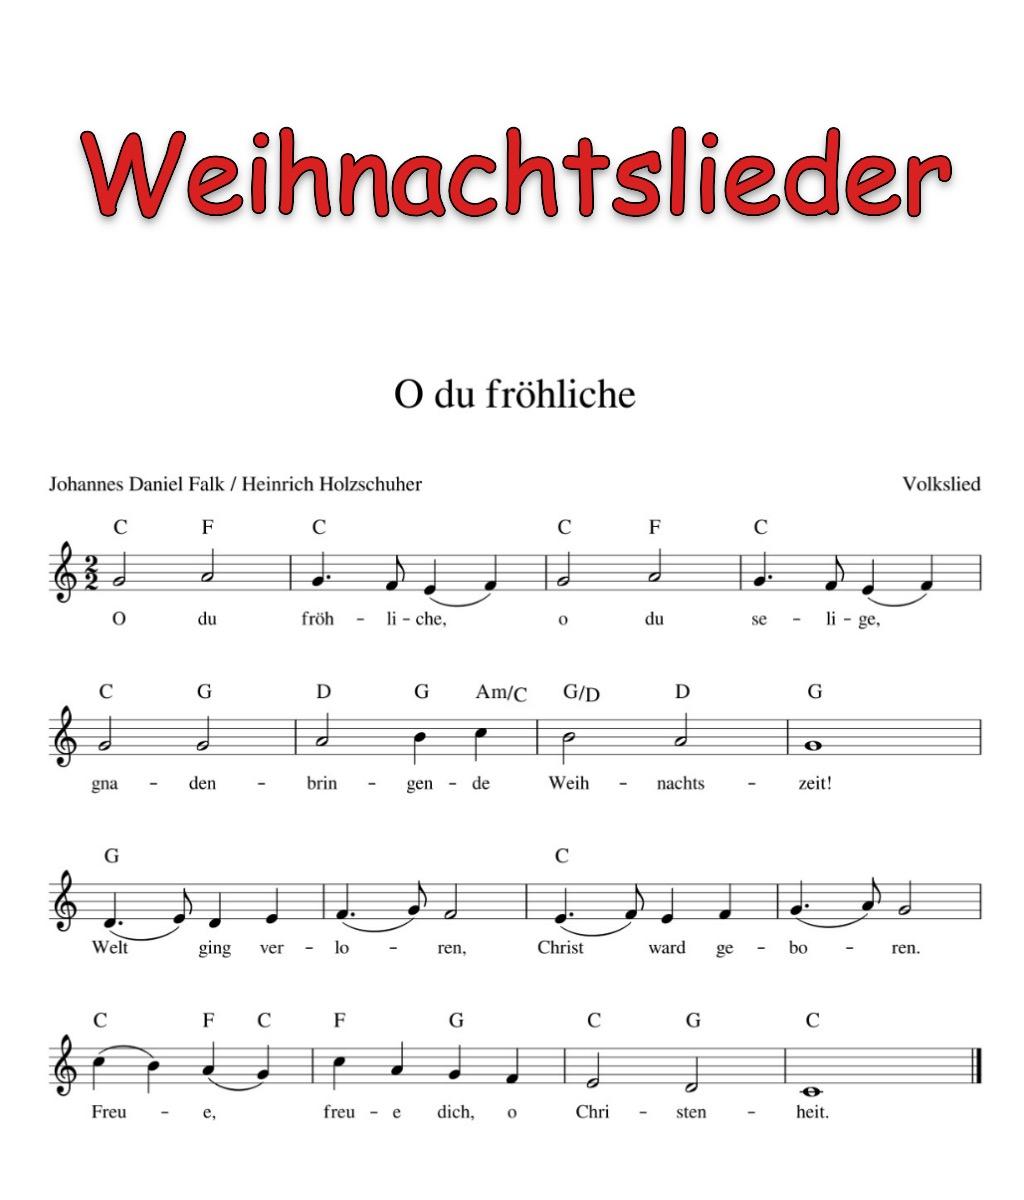 Kinderlieder Mit Noten - Kinderlieder - Noten - Text in Texte Weihnachtslieder Deutsch Kostenlos